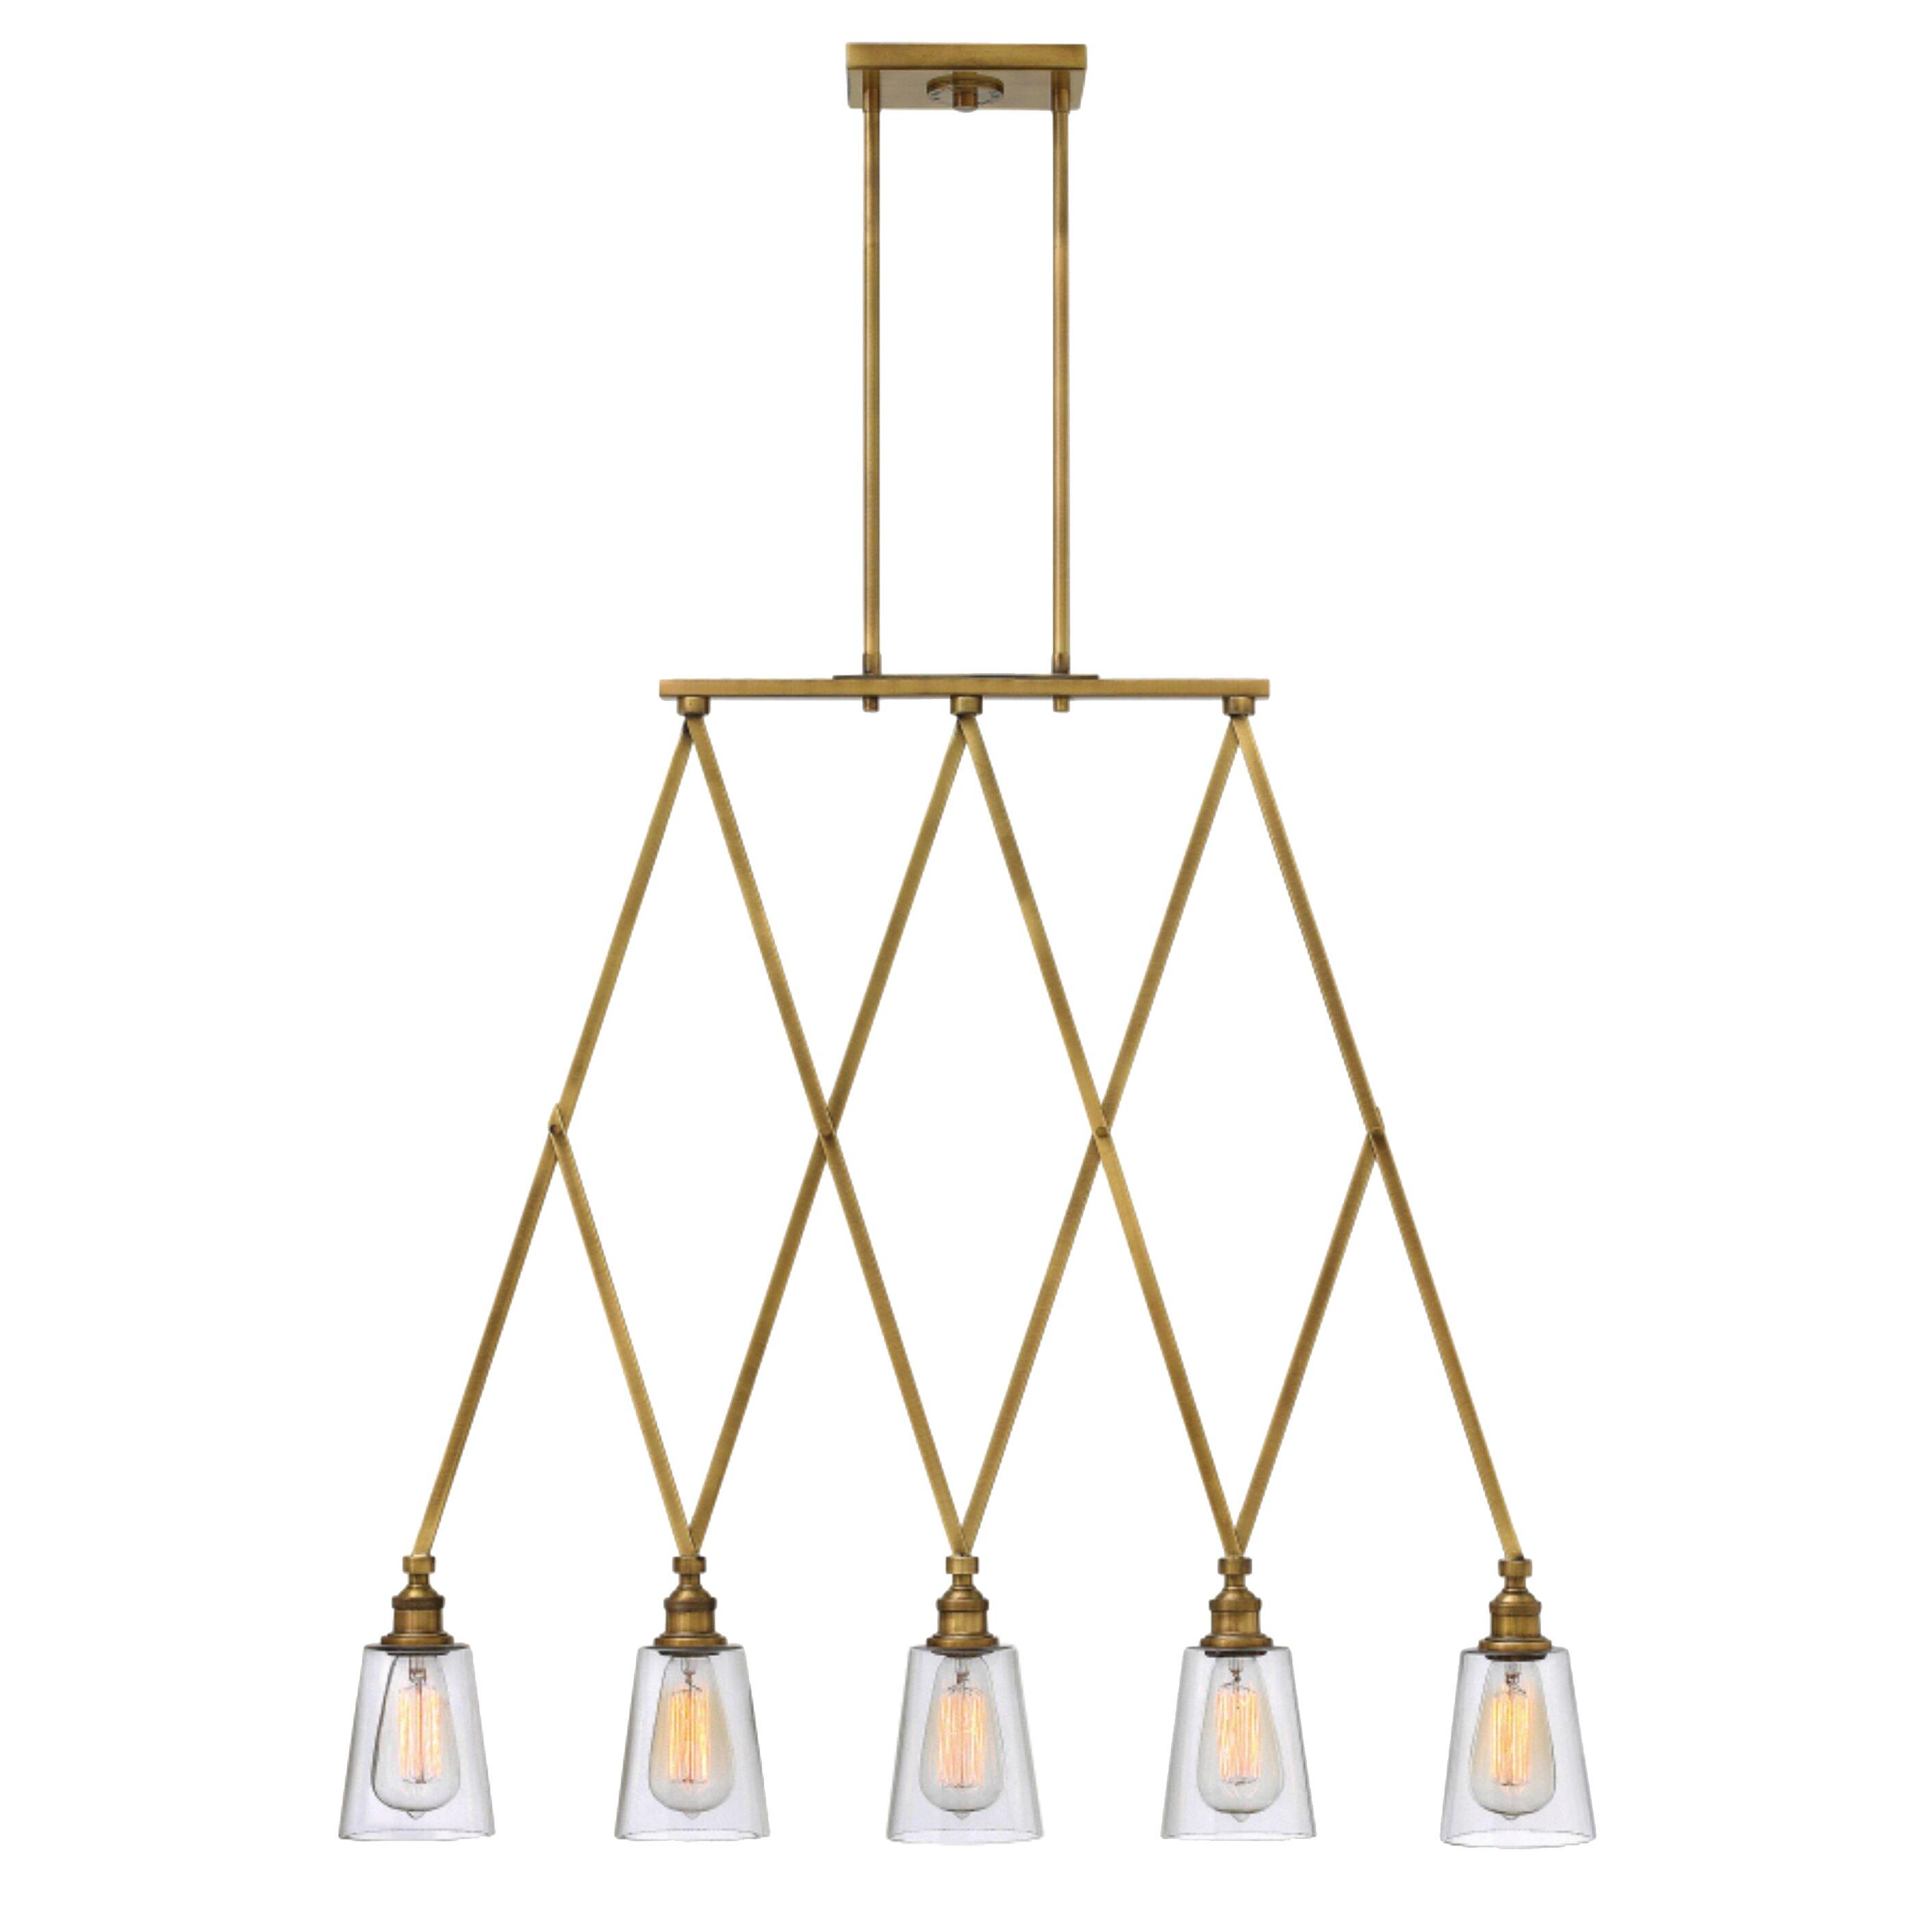 Hinkley Lighting Gatsby 5 Light Mini Chandelier & Reviews